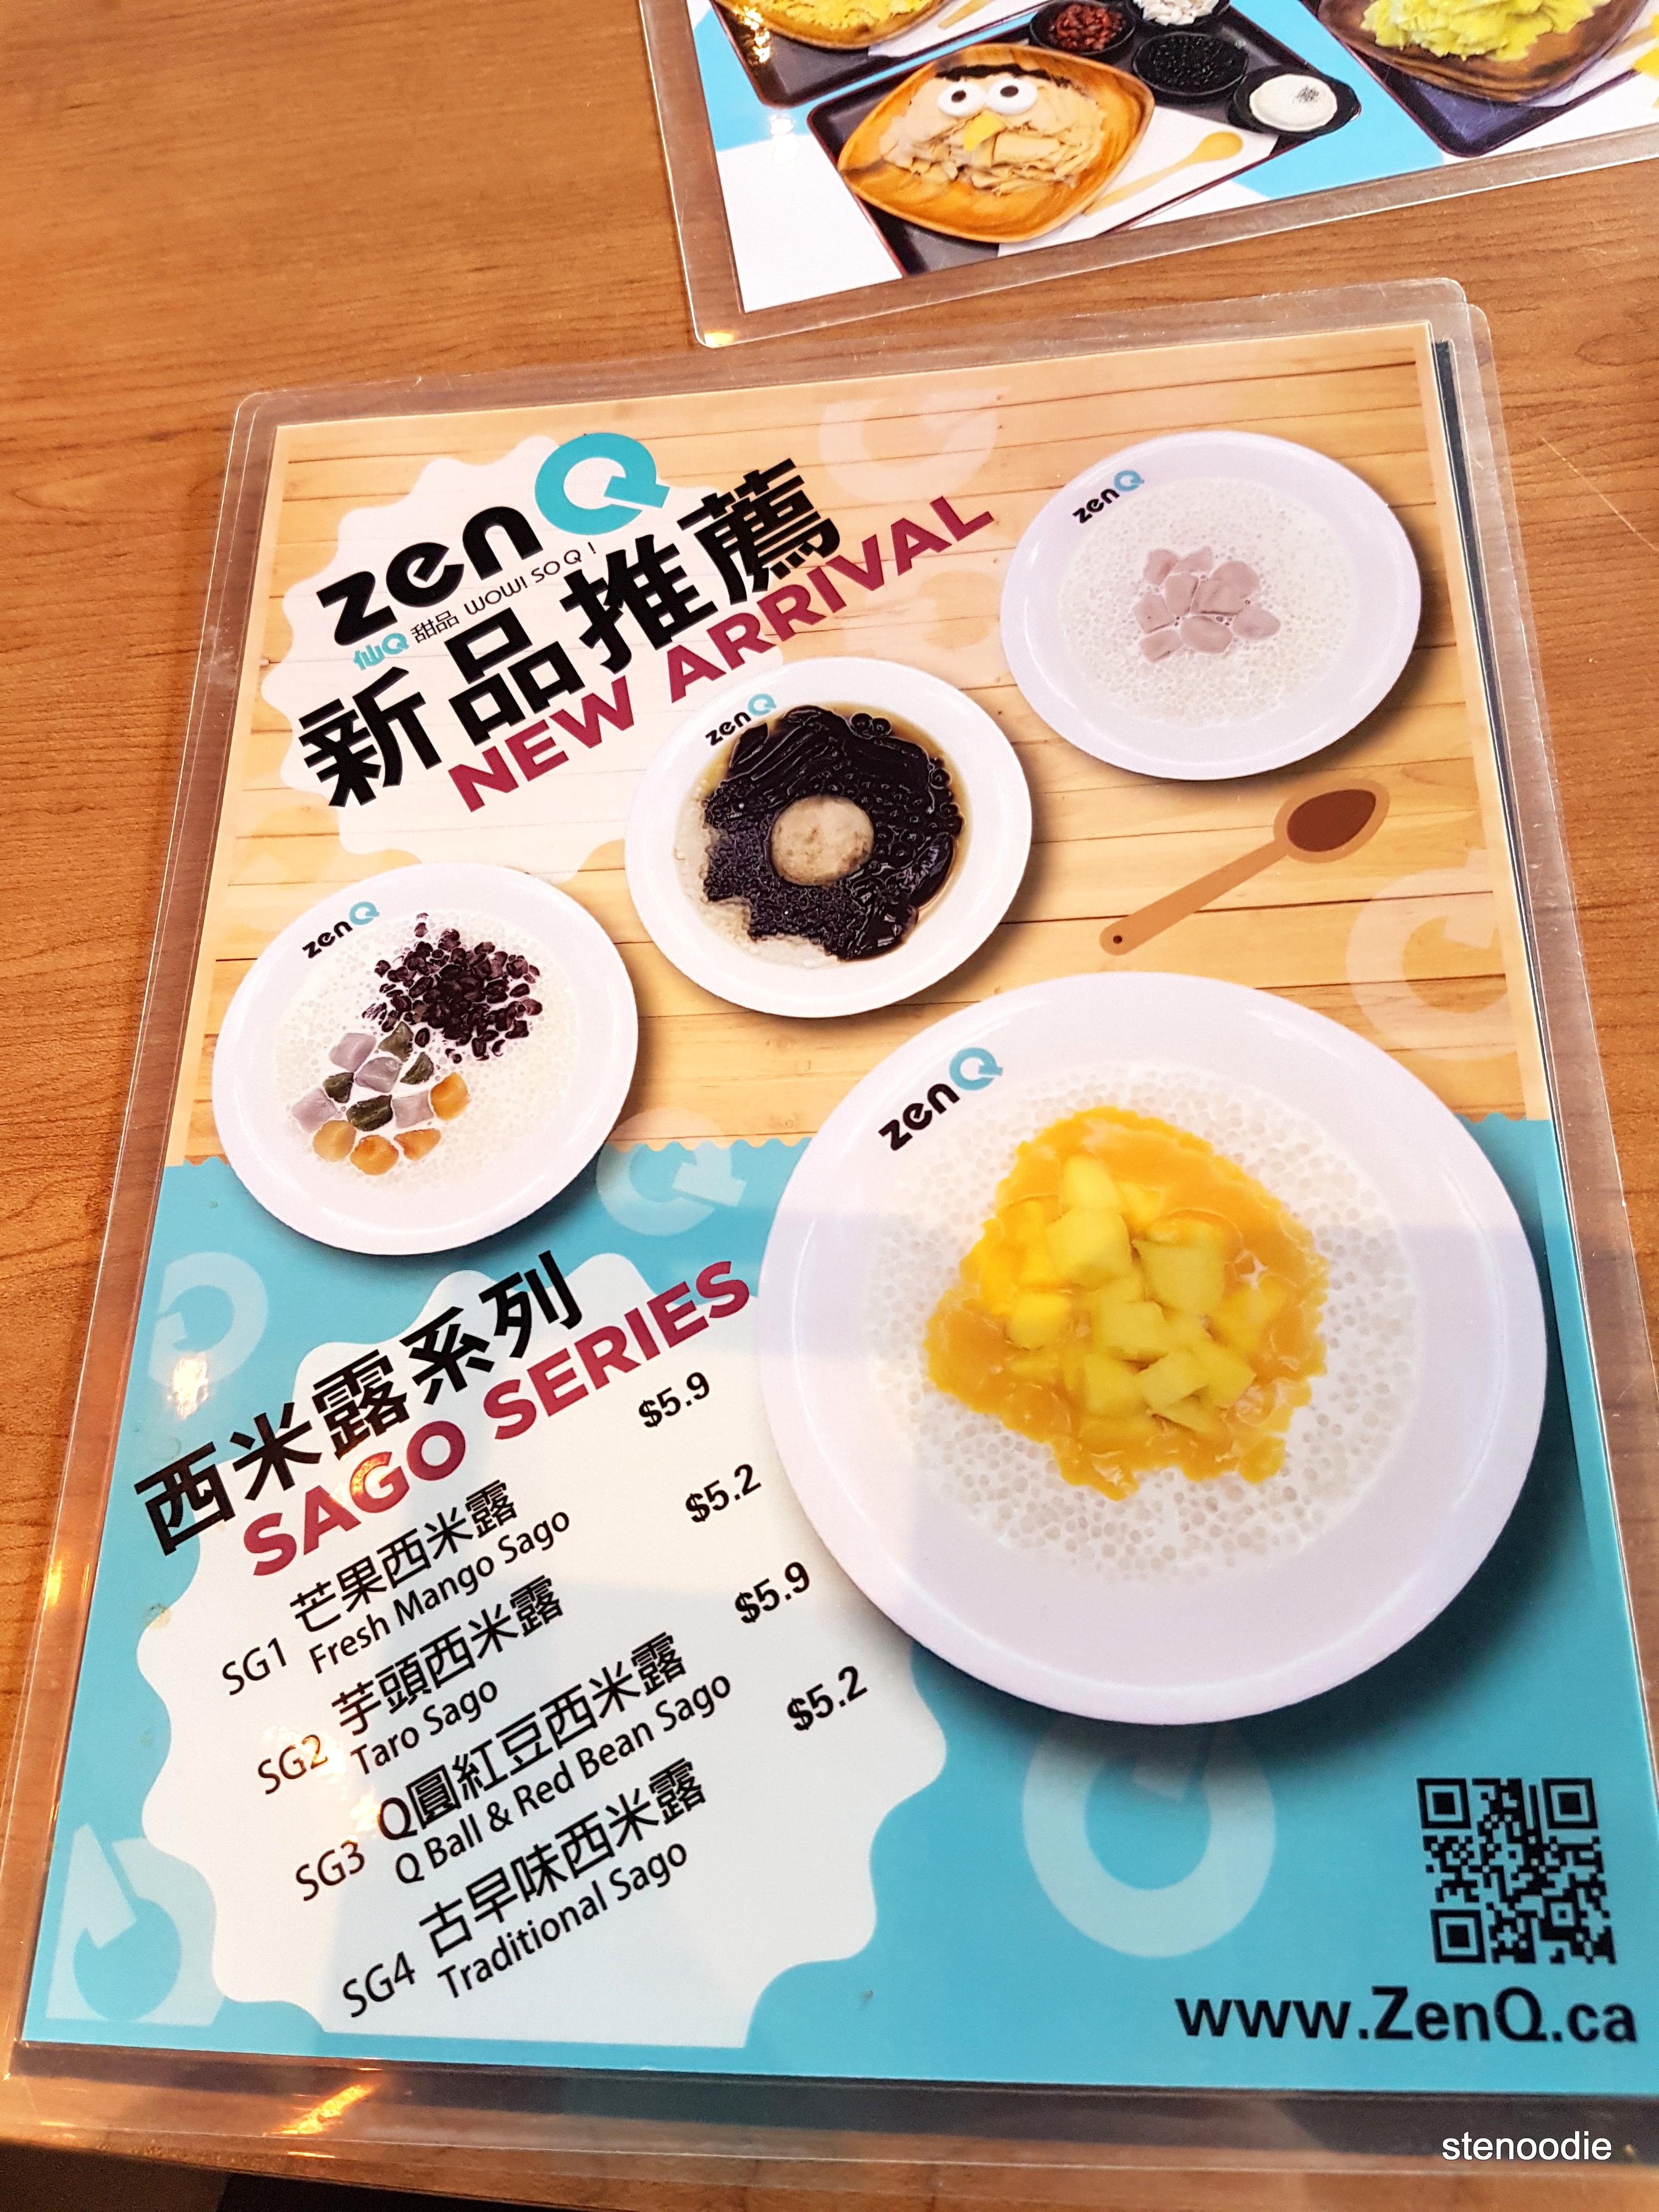 ZenQ new arrival menu